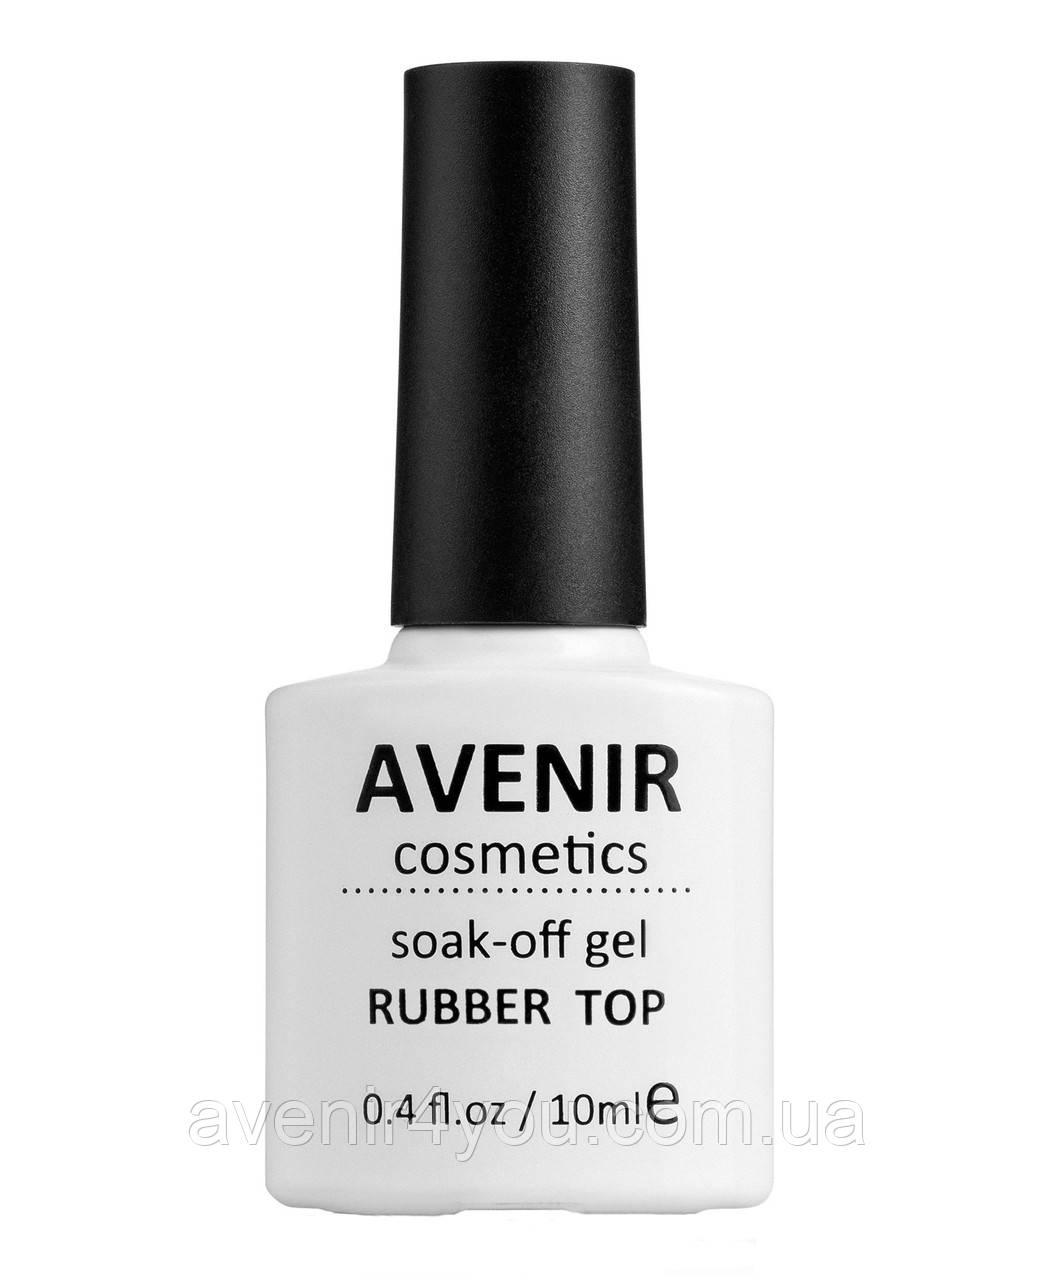 Каучуковое топовое покрытие (Rubber Top) Avenir Cosmetics с липким слоем